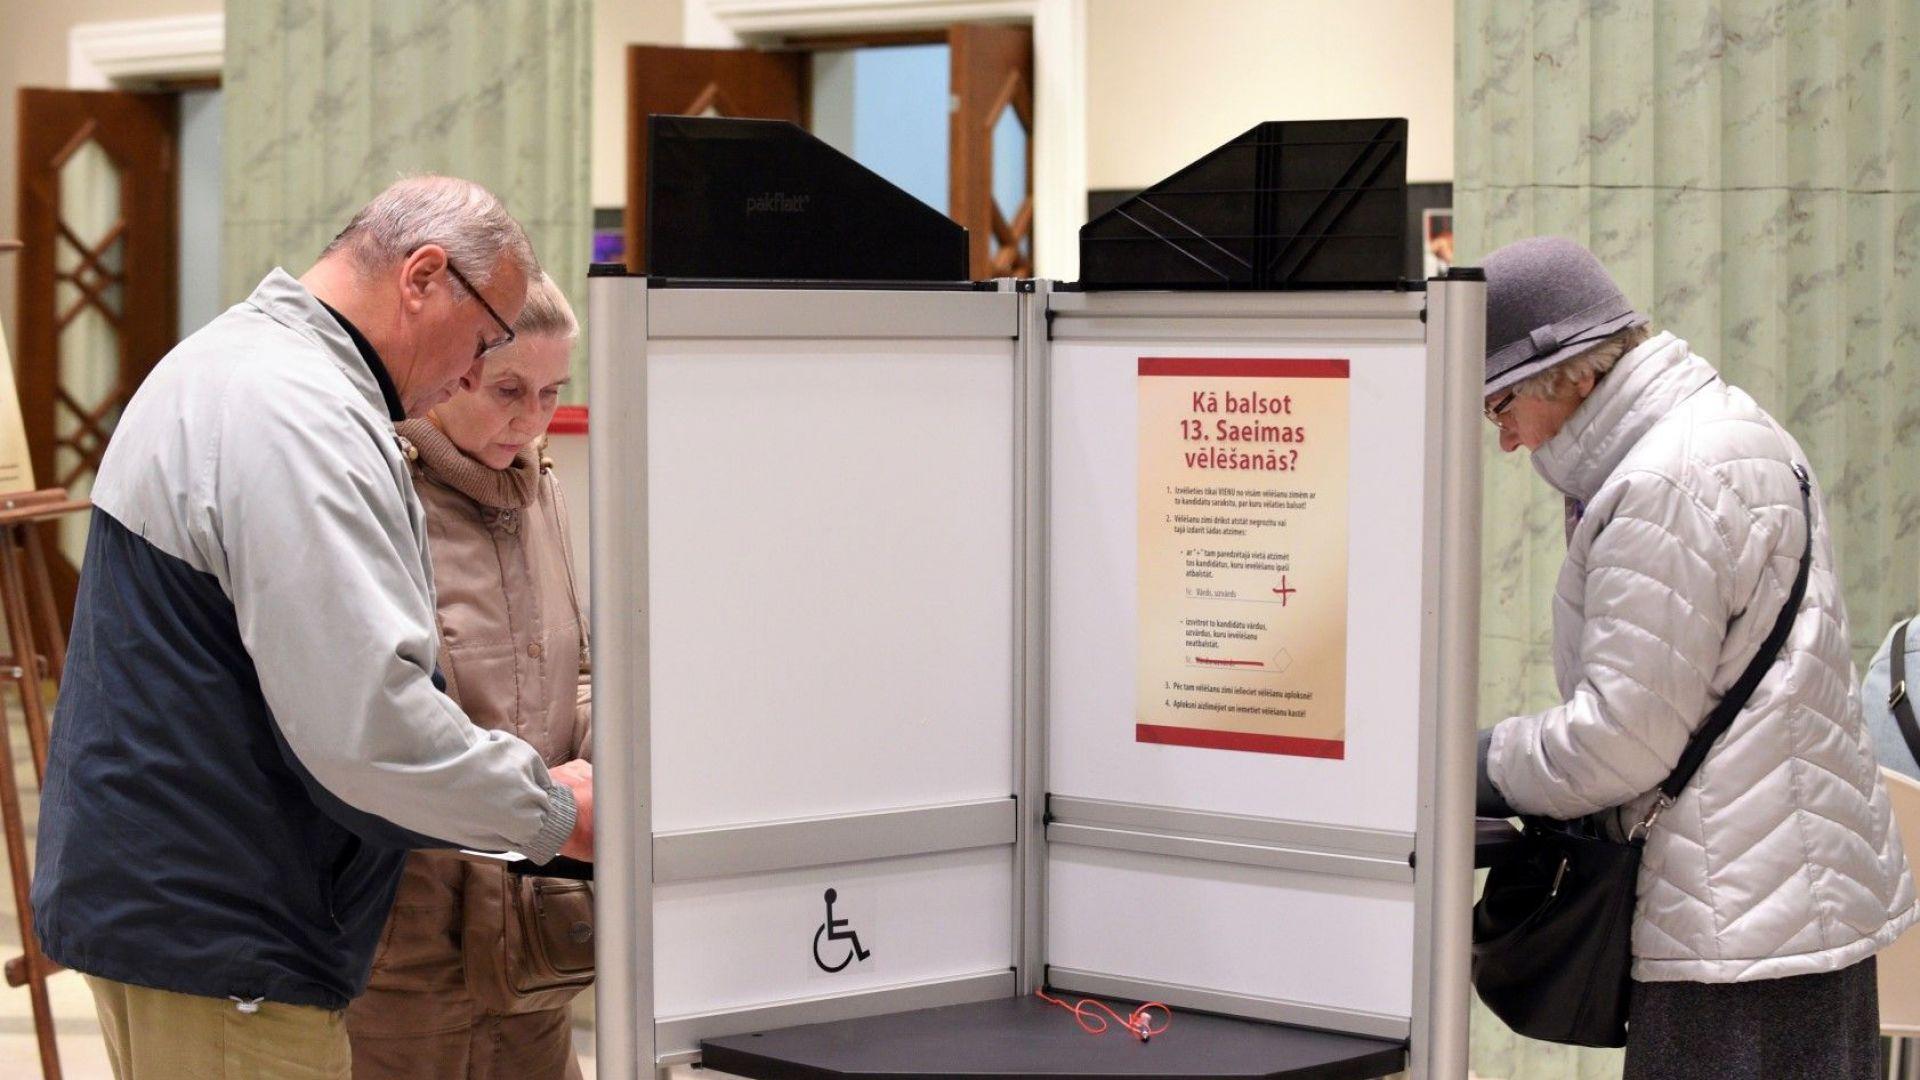 Екзитпол след парламентарните избори в Латвия  затвърждава проевропейските позиции